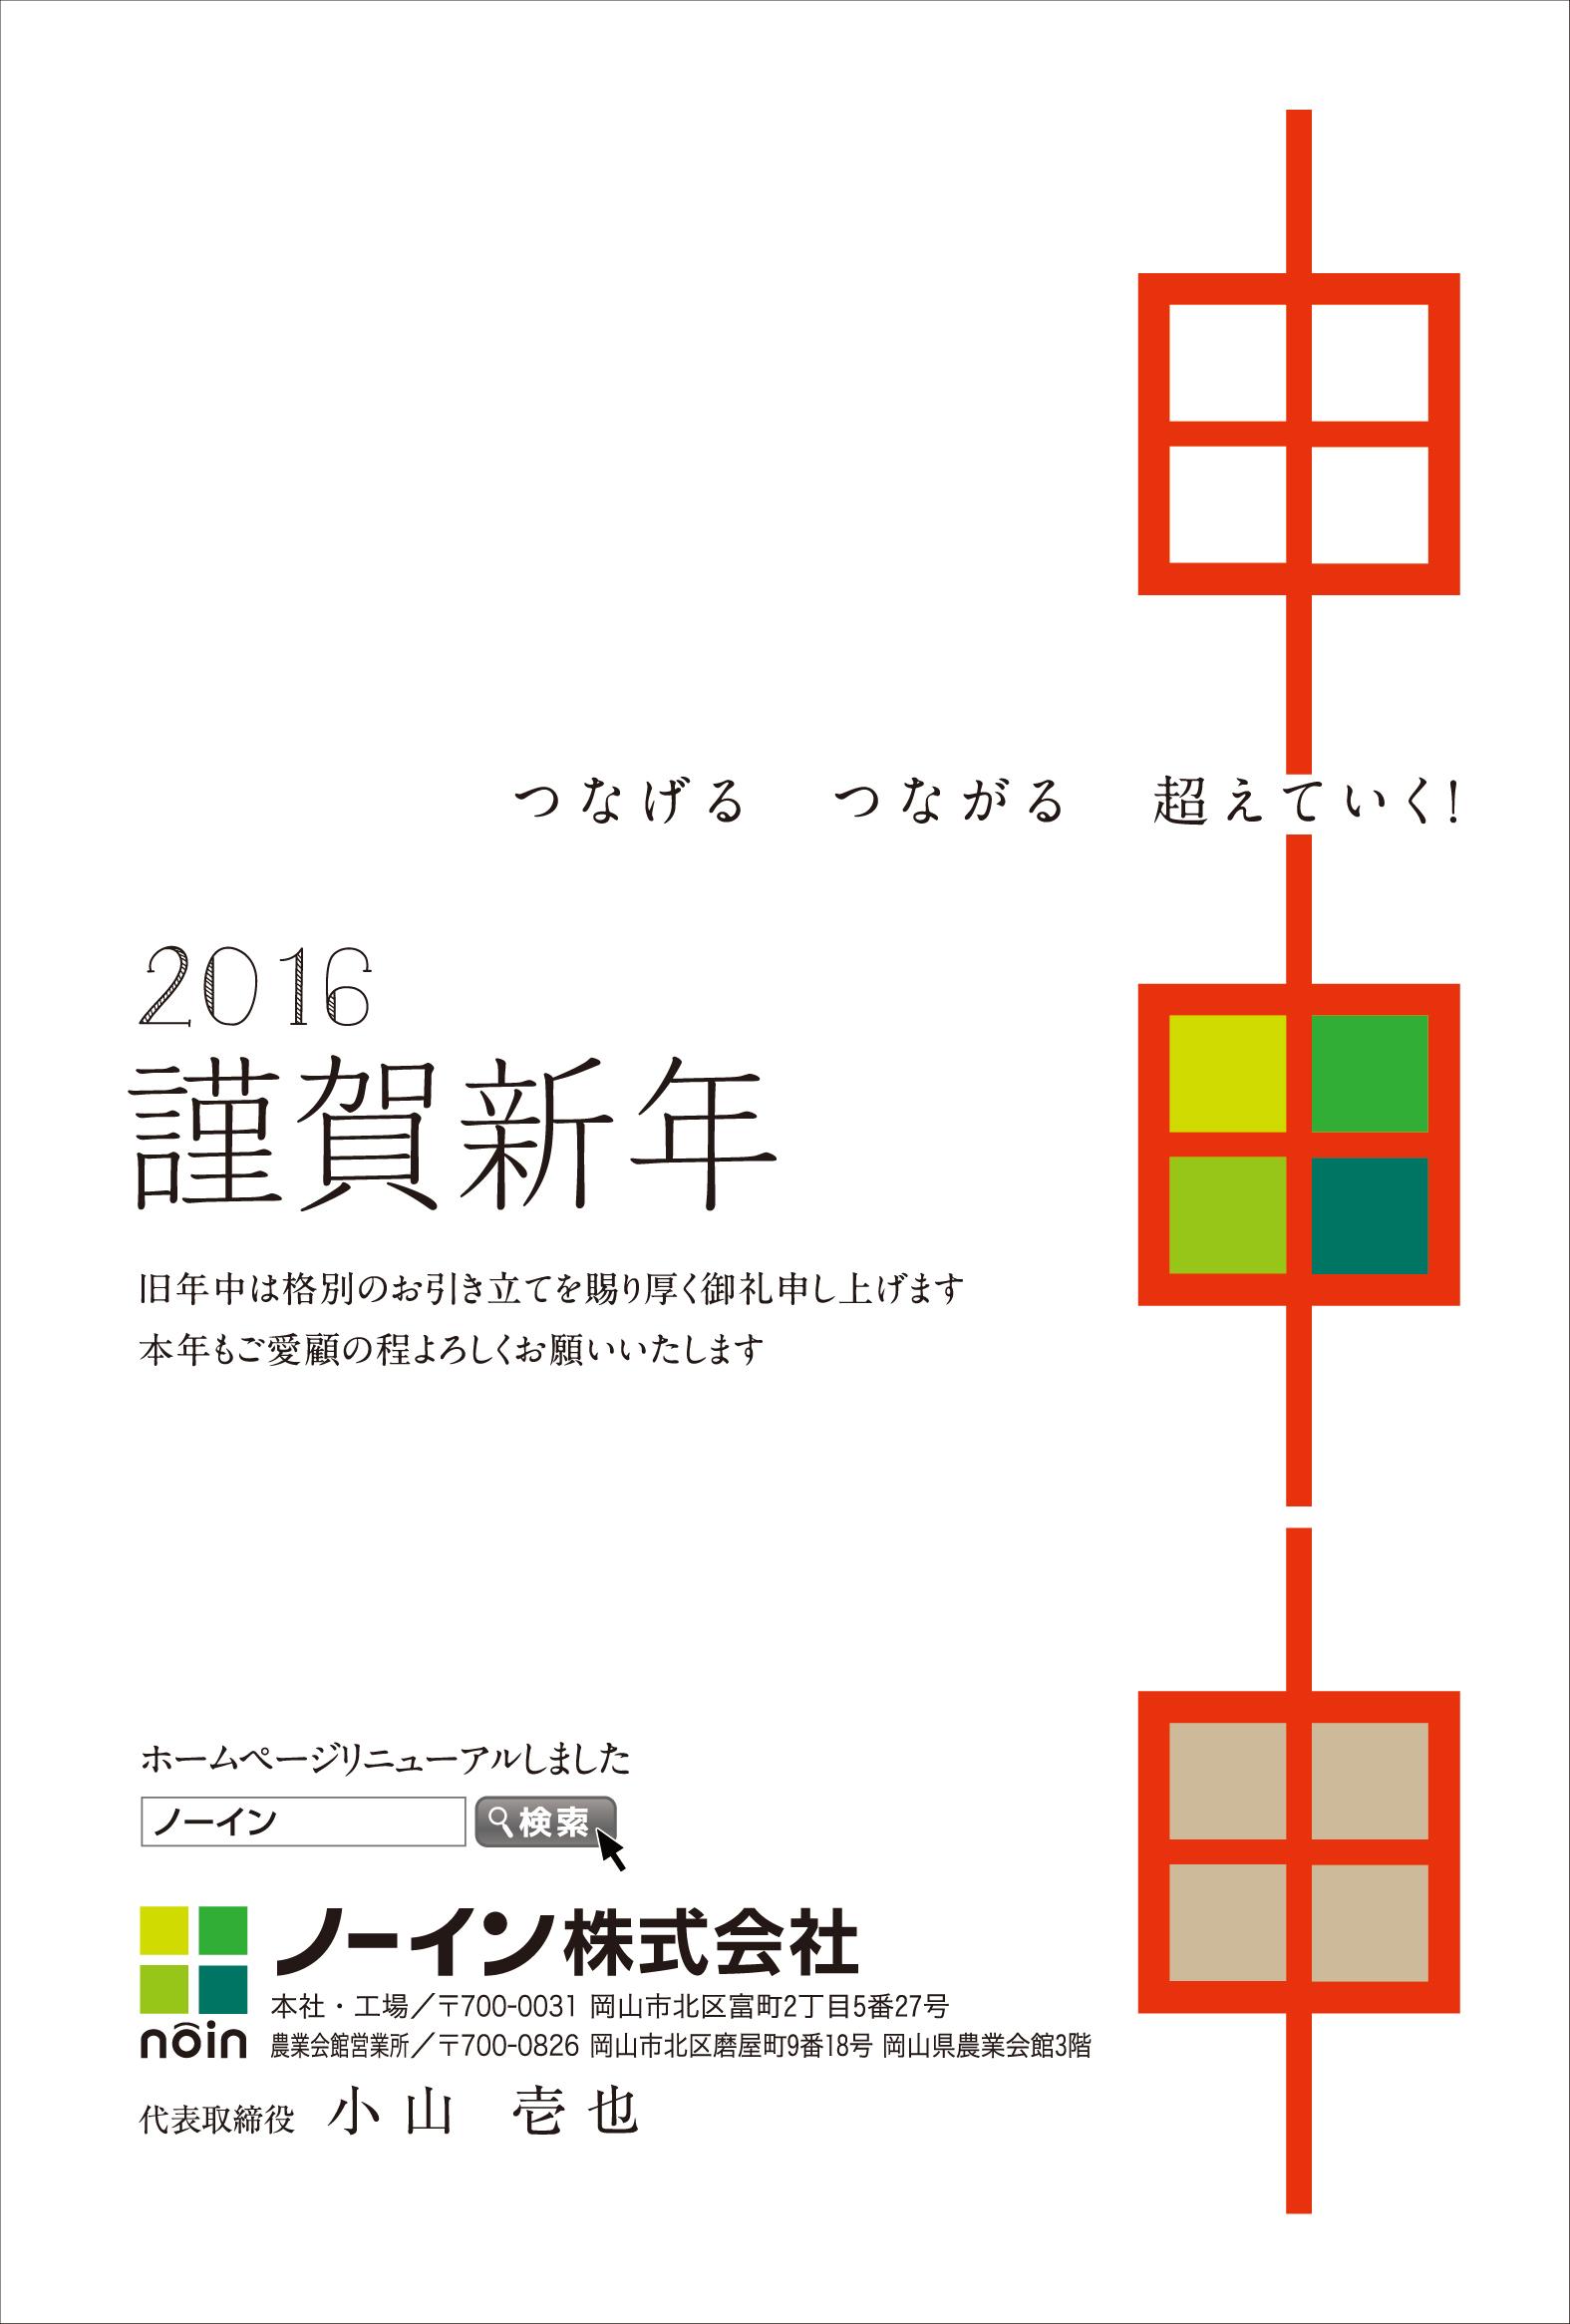 ノーイン2016年賀状ol-01